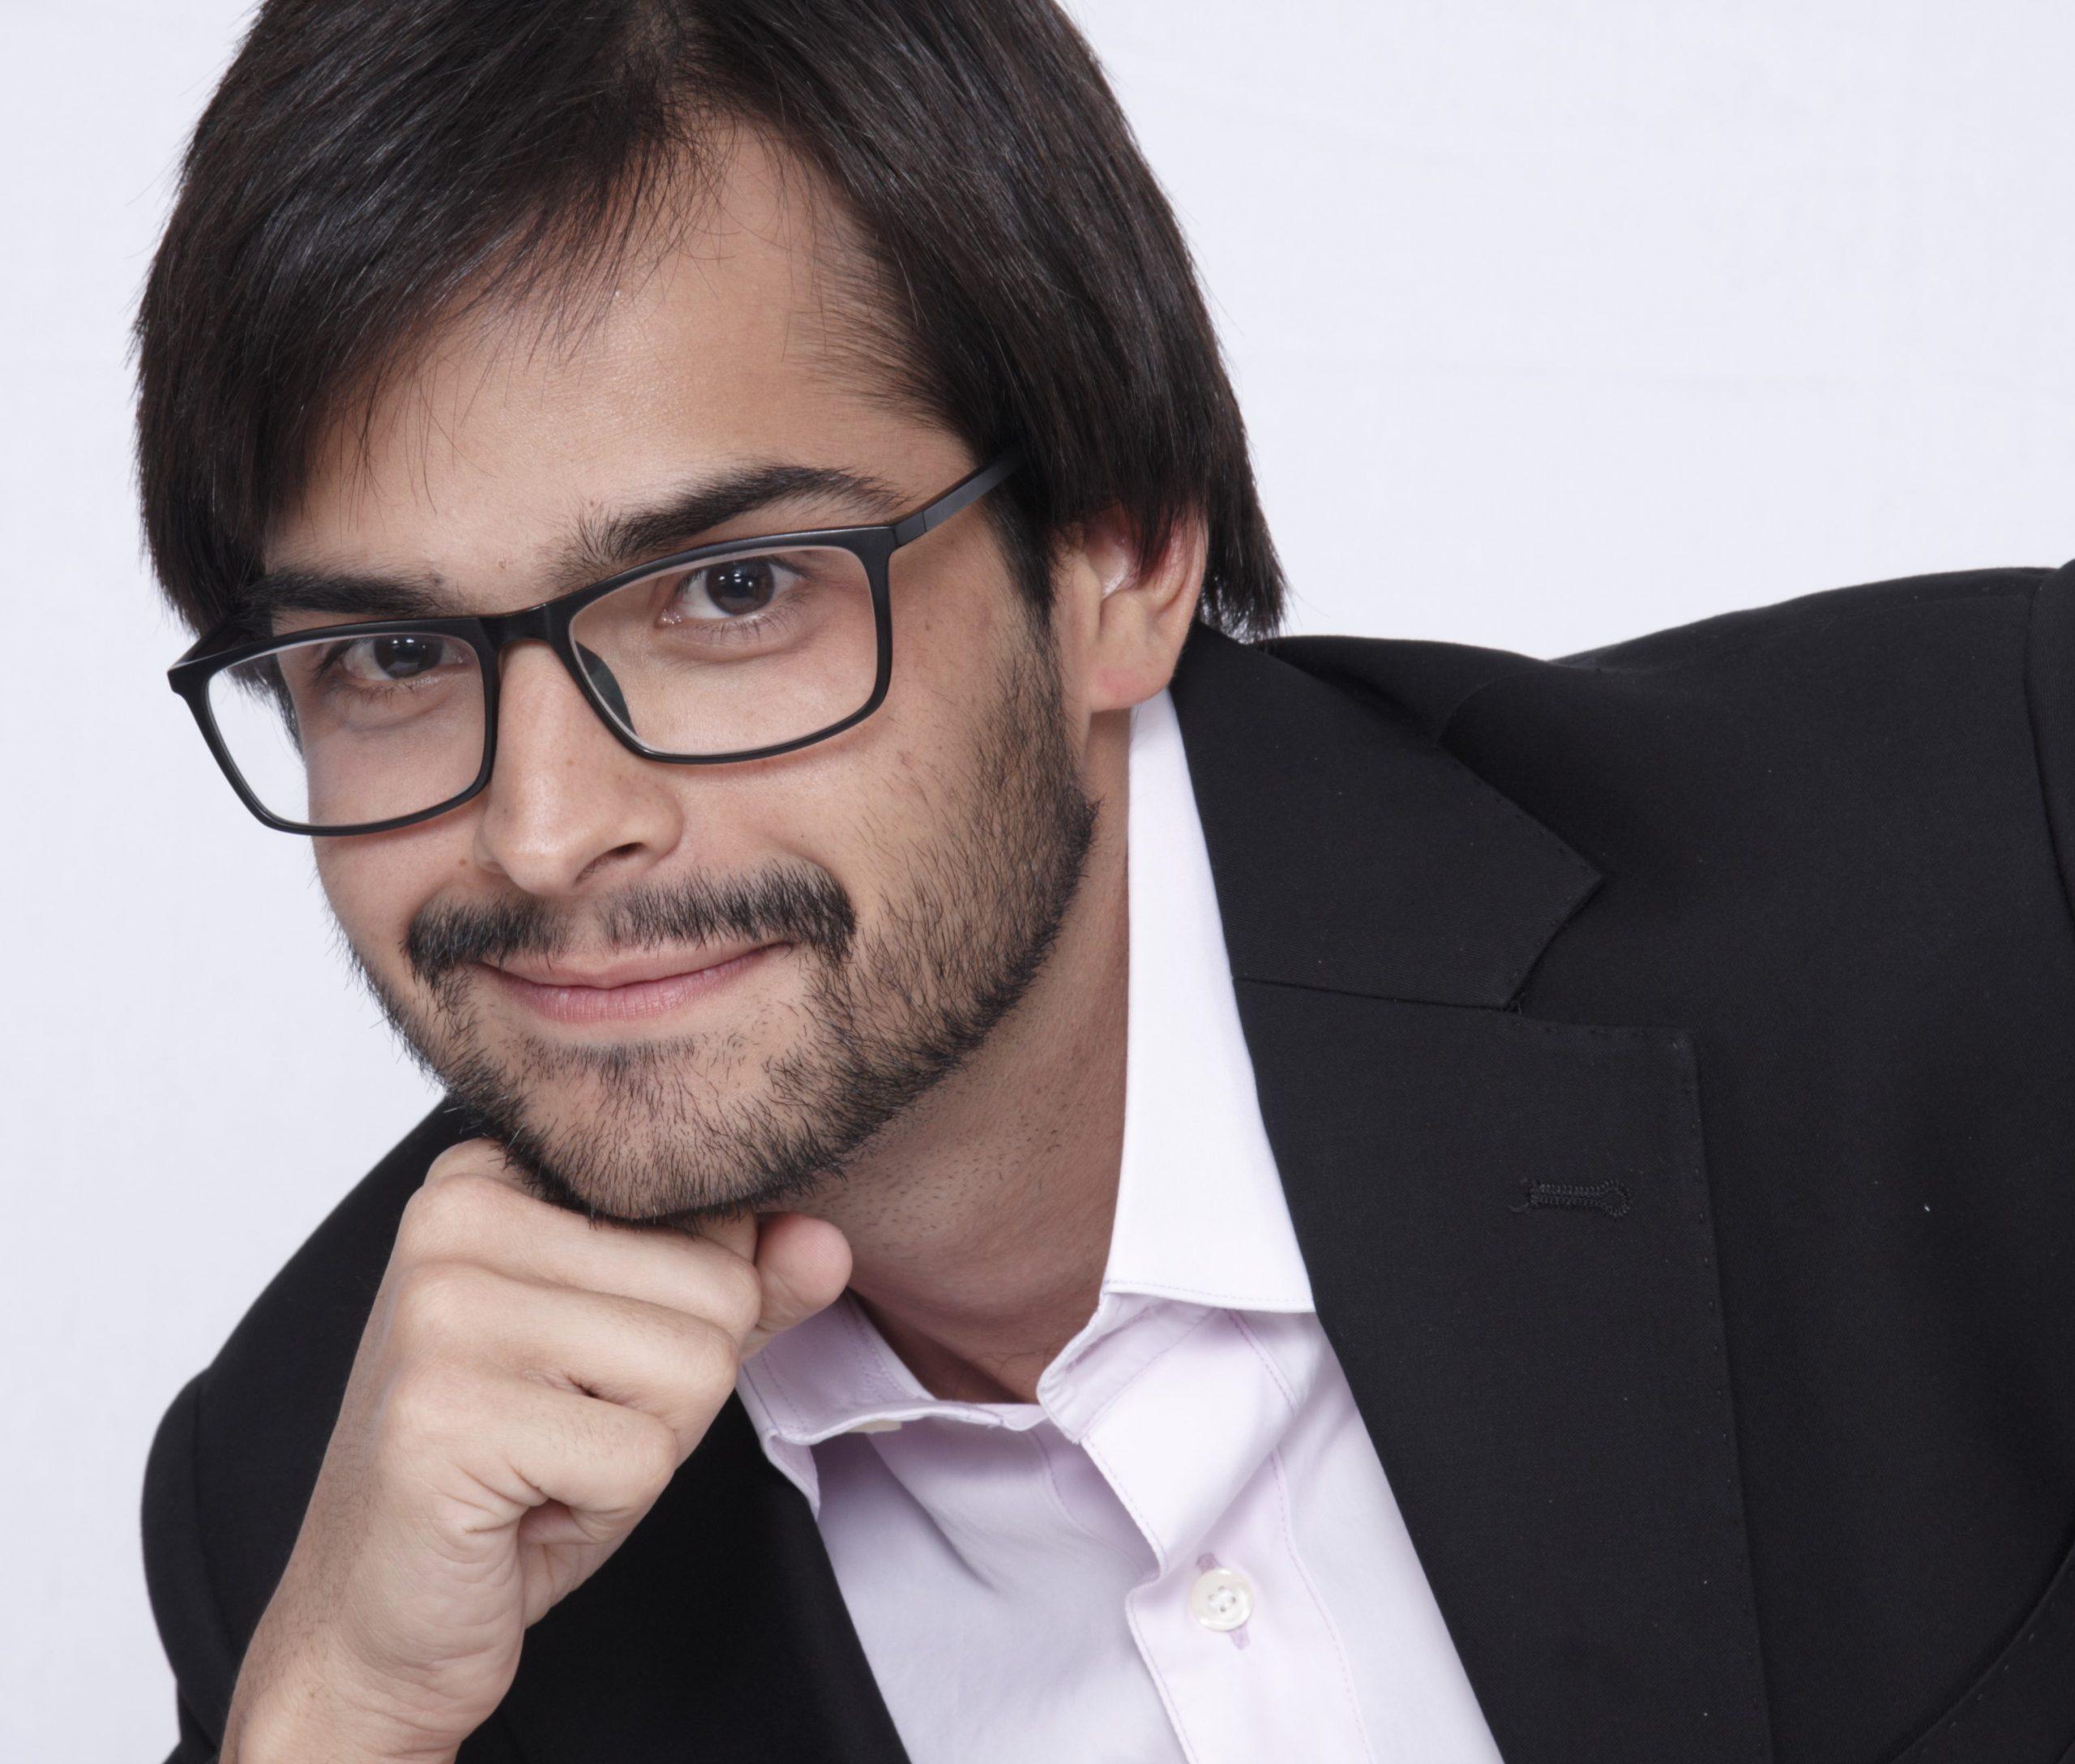 Iván Aranaga